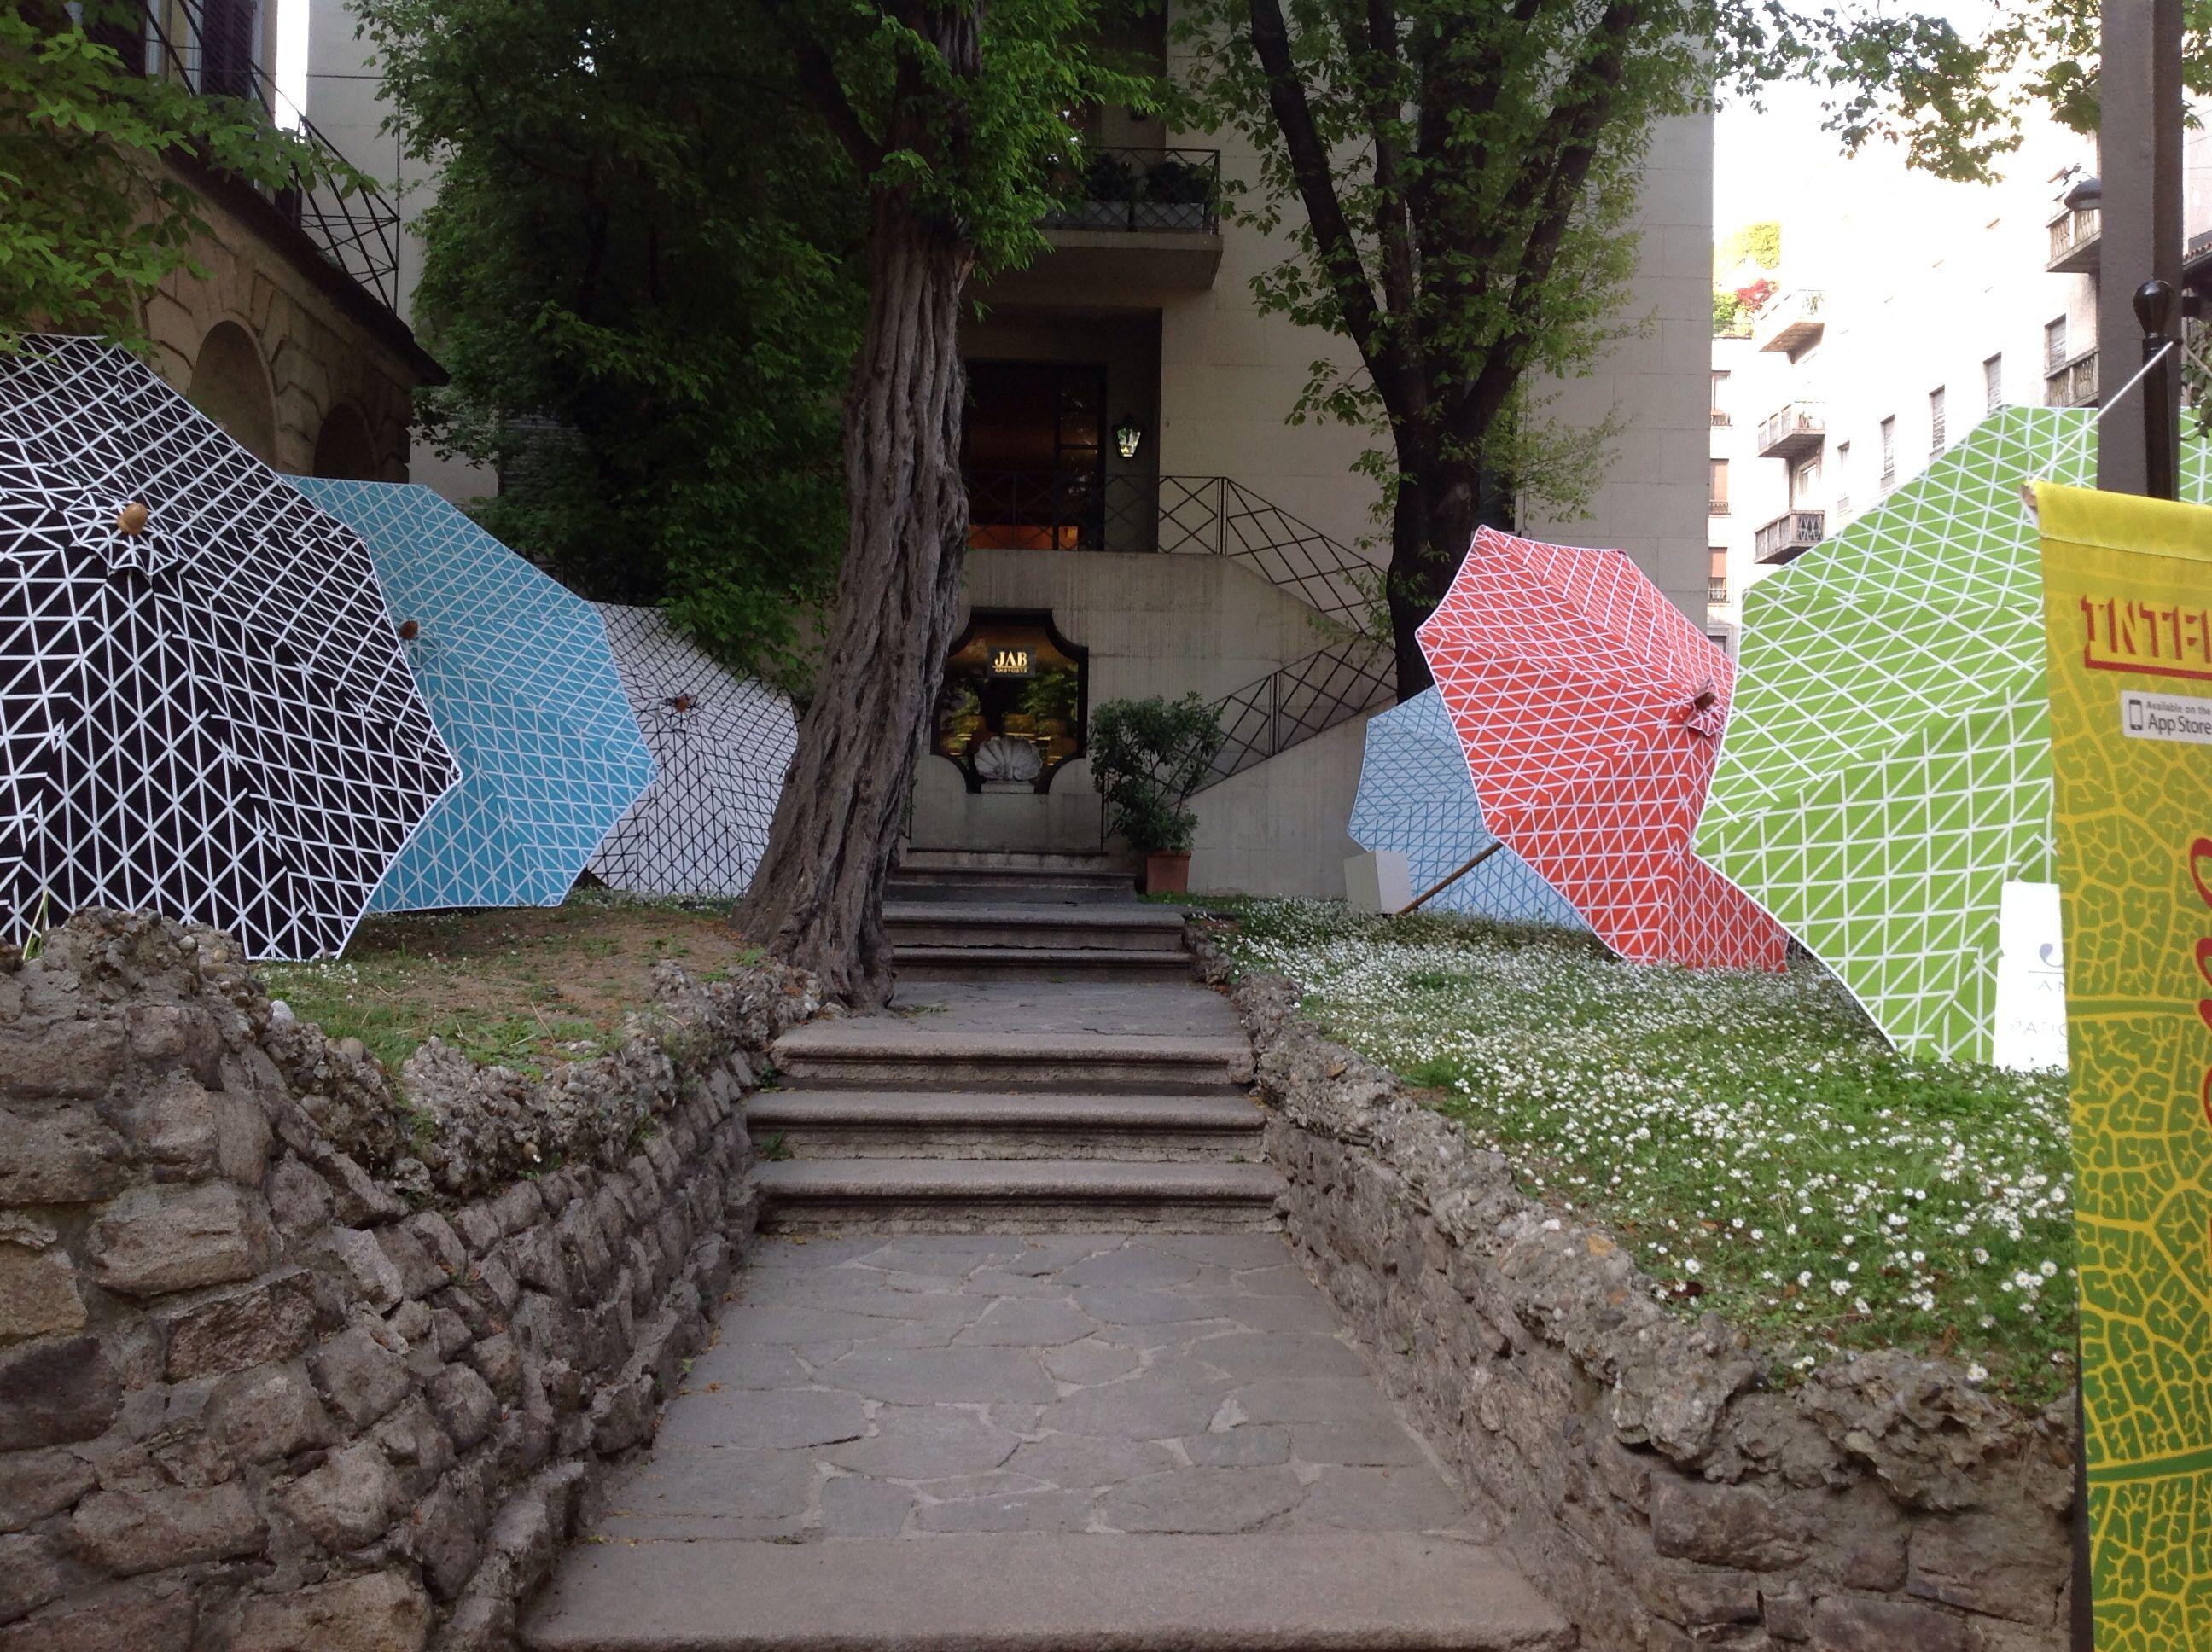 Jabber / Patio Outdoor